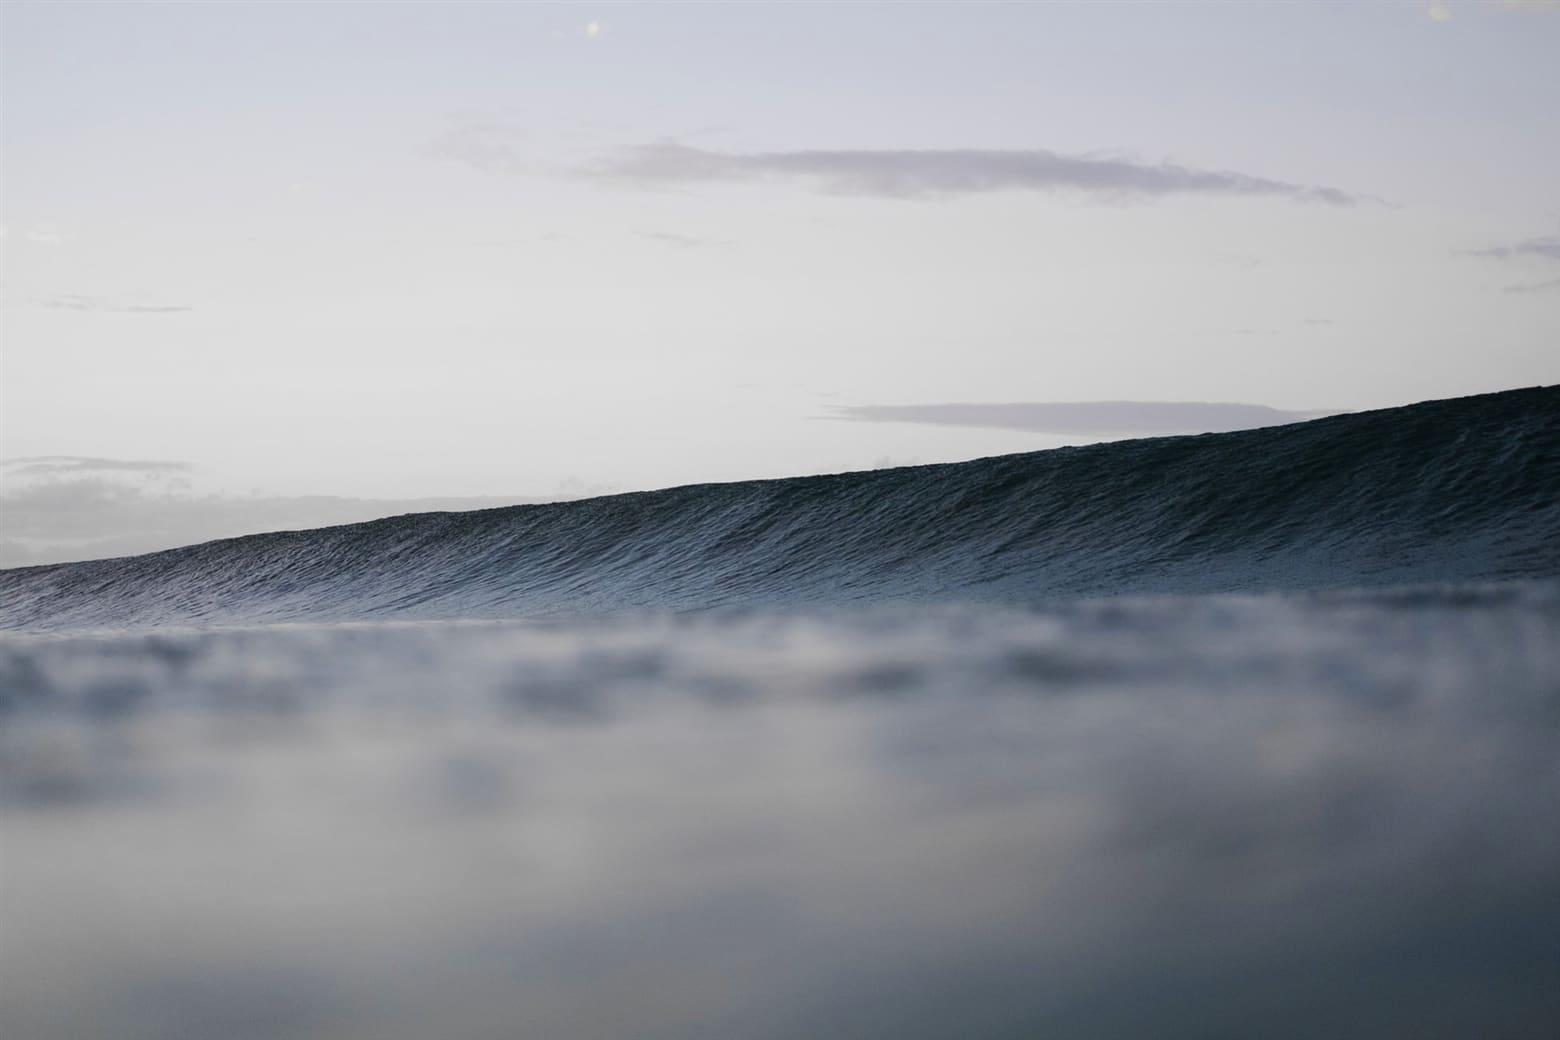 horaires marées Dives-sur-mer